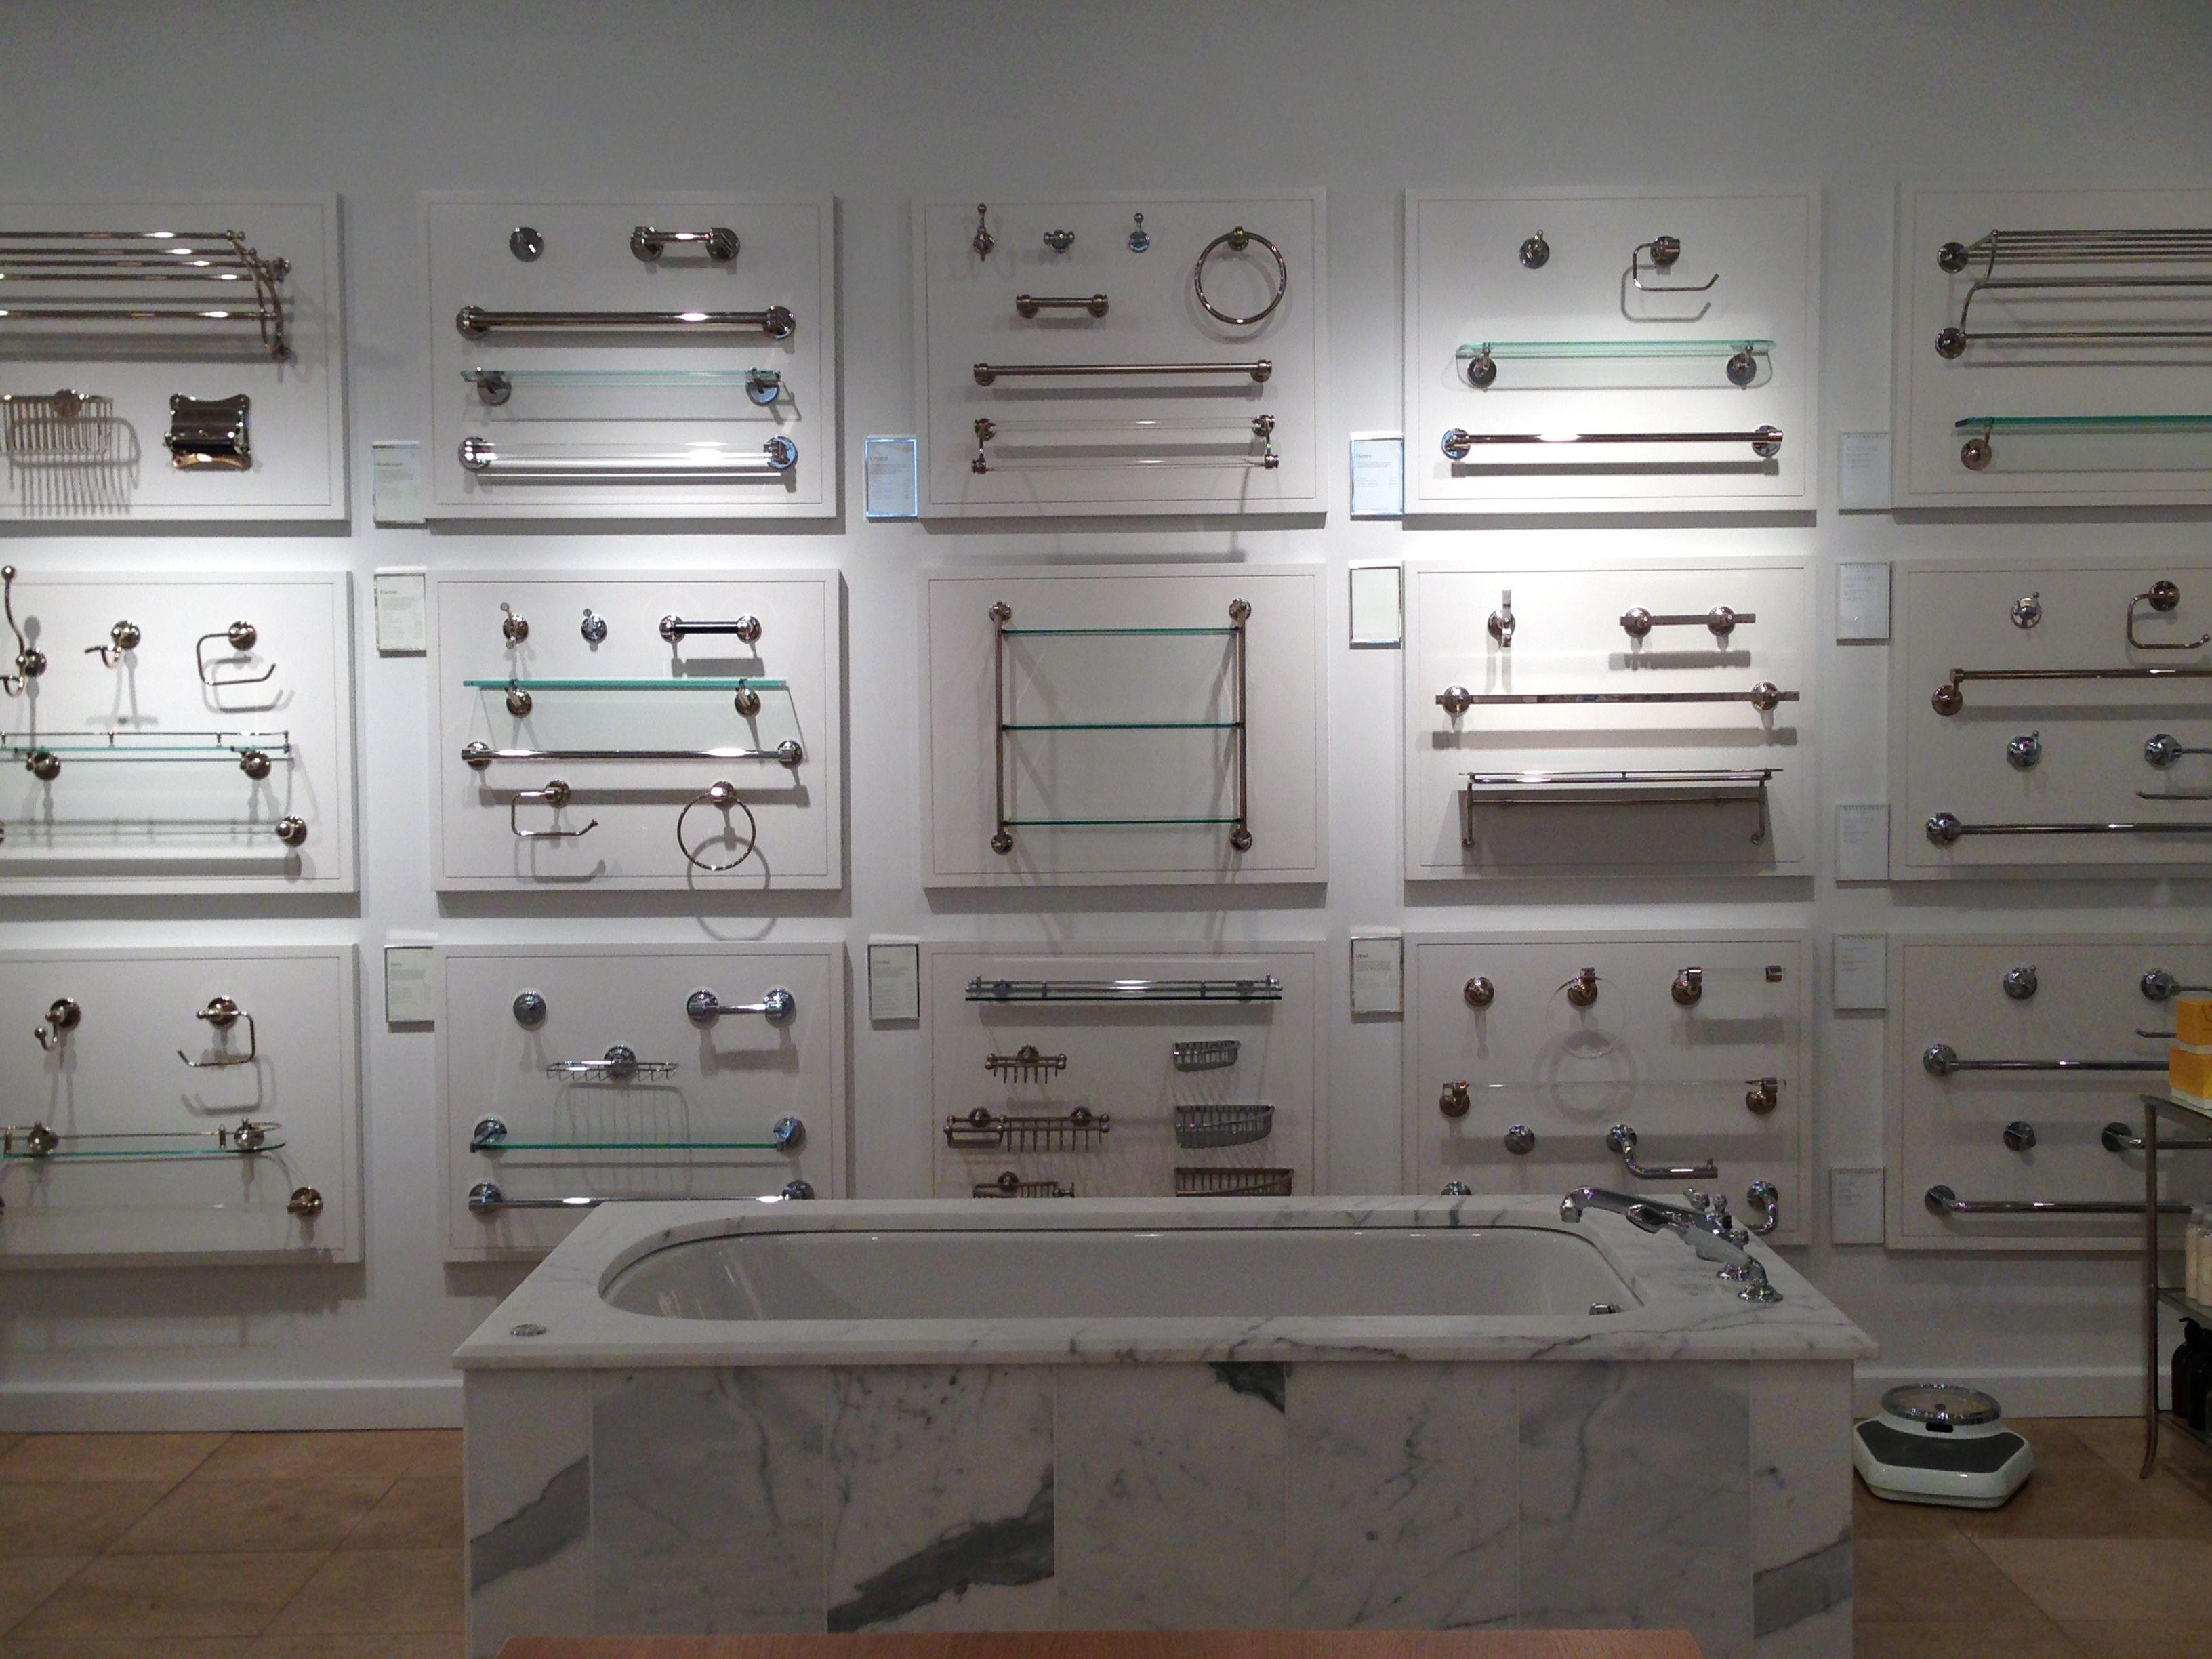 Bathroom Showrooms Boston - Walls